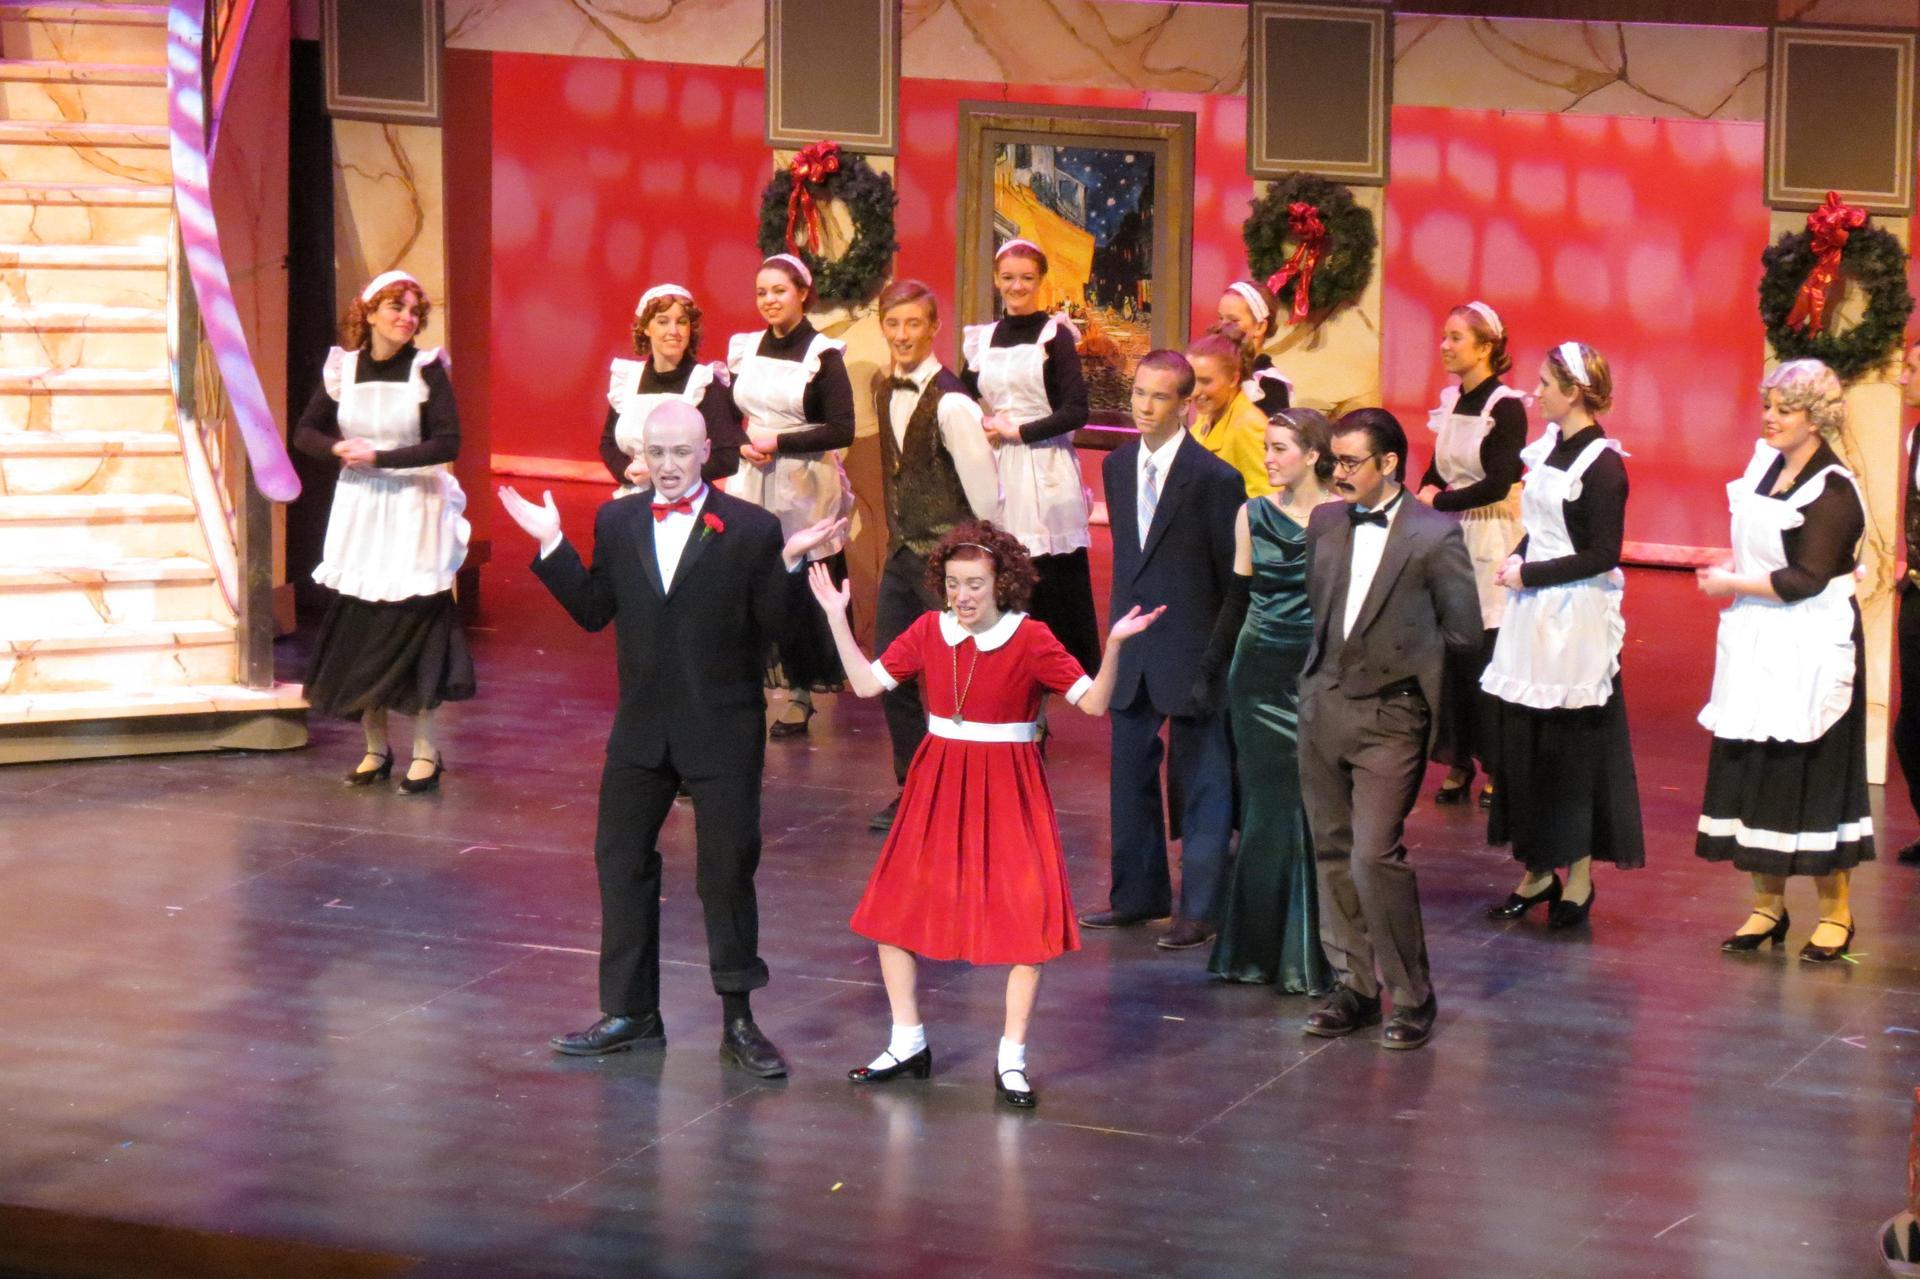 Annie musical performance